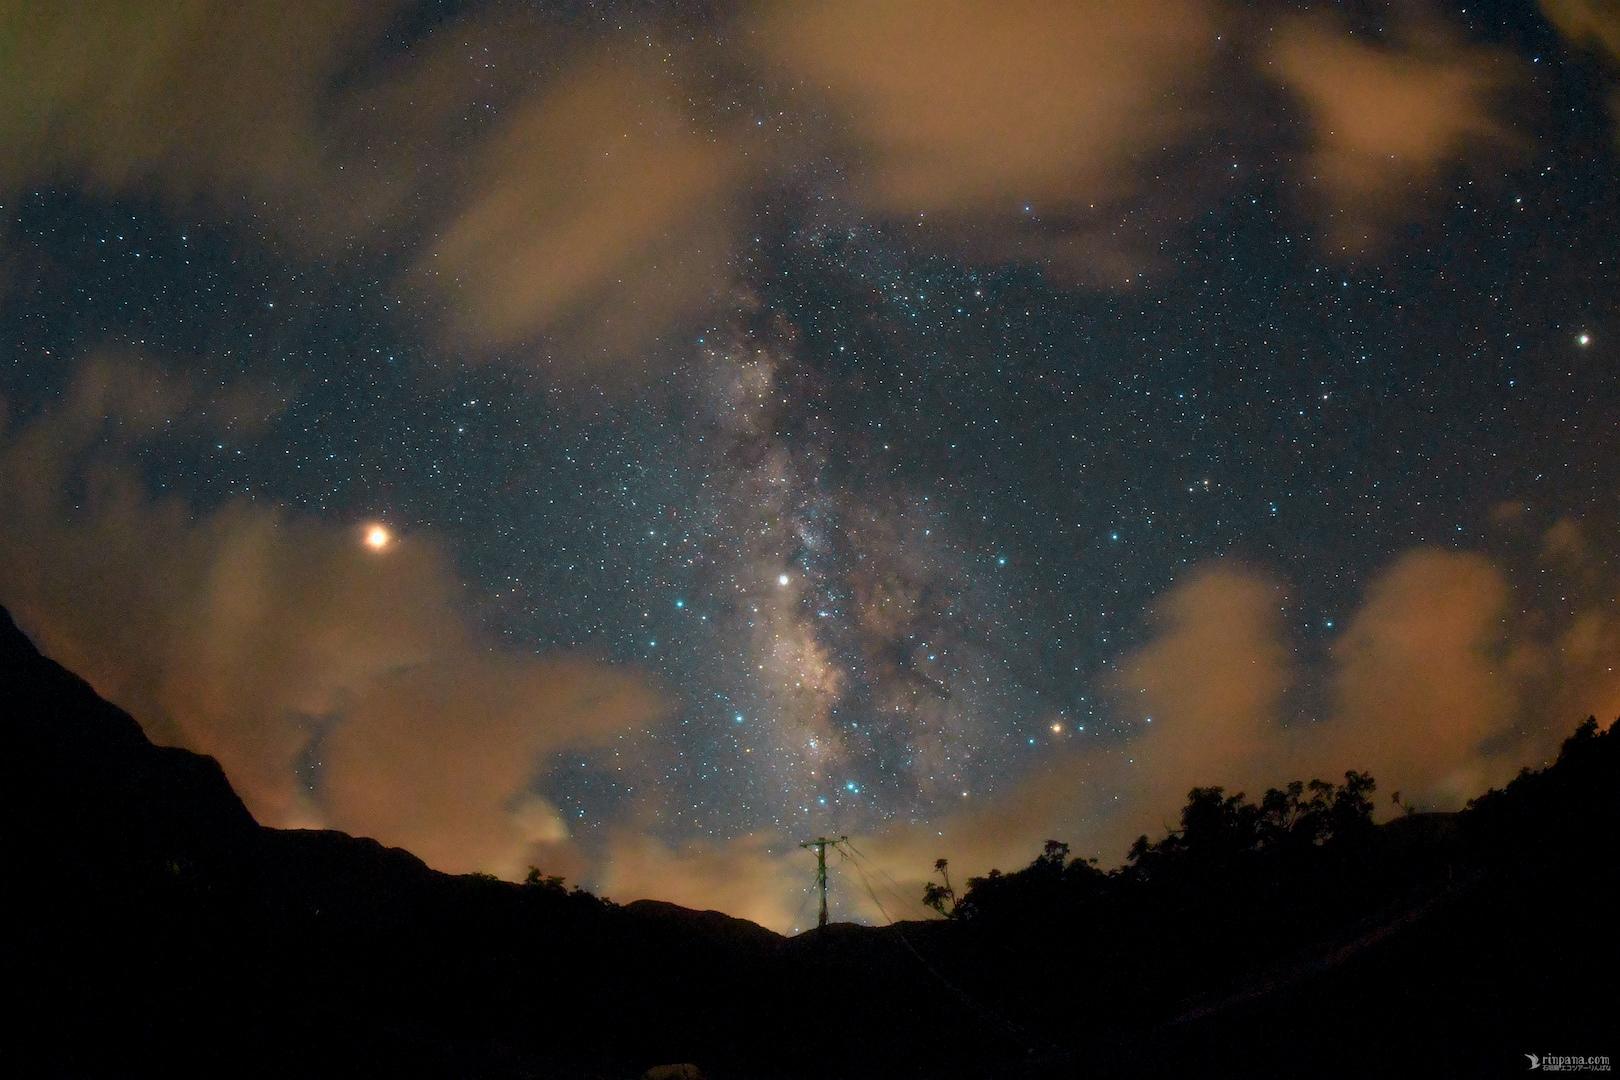 石垣島の星空保護区で見られる天の川の写真